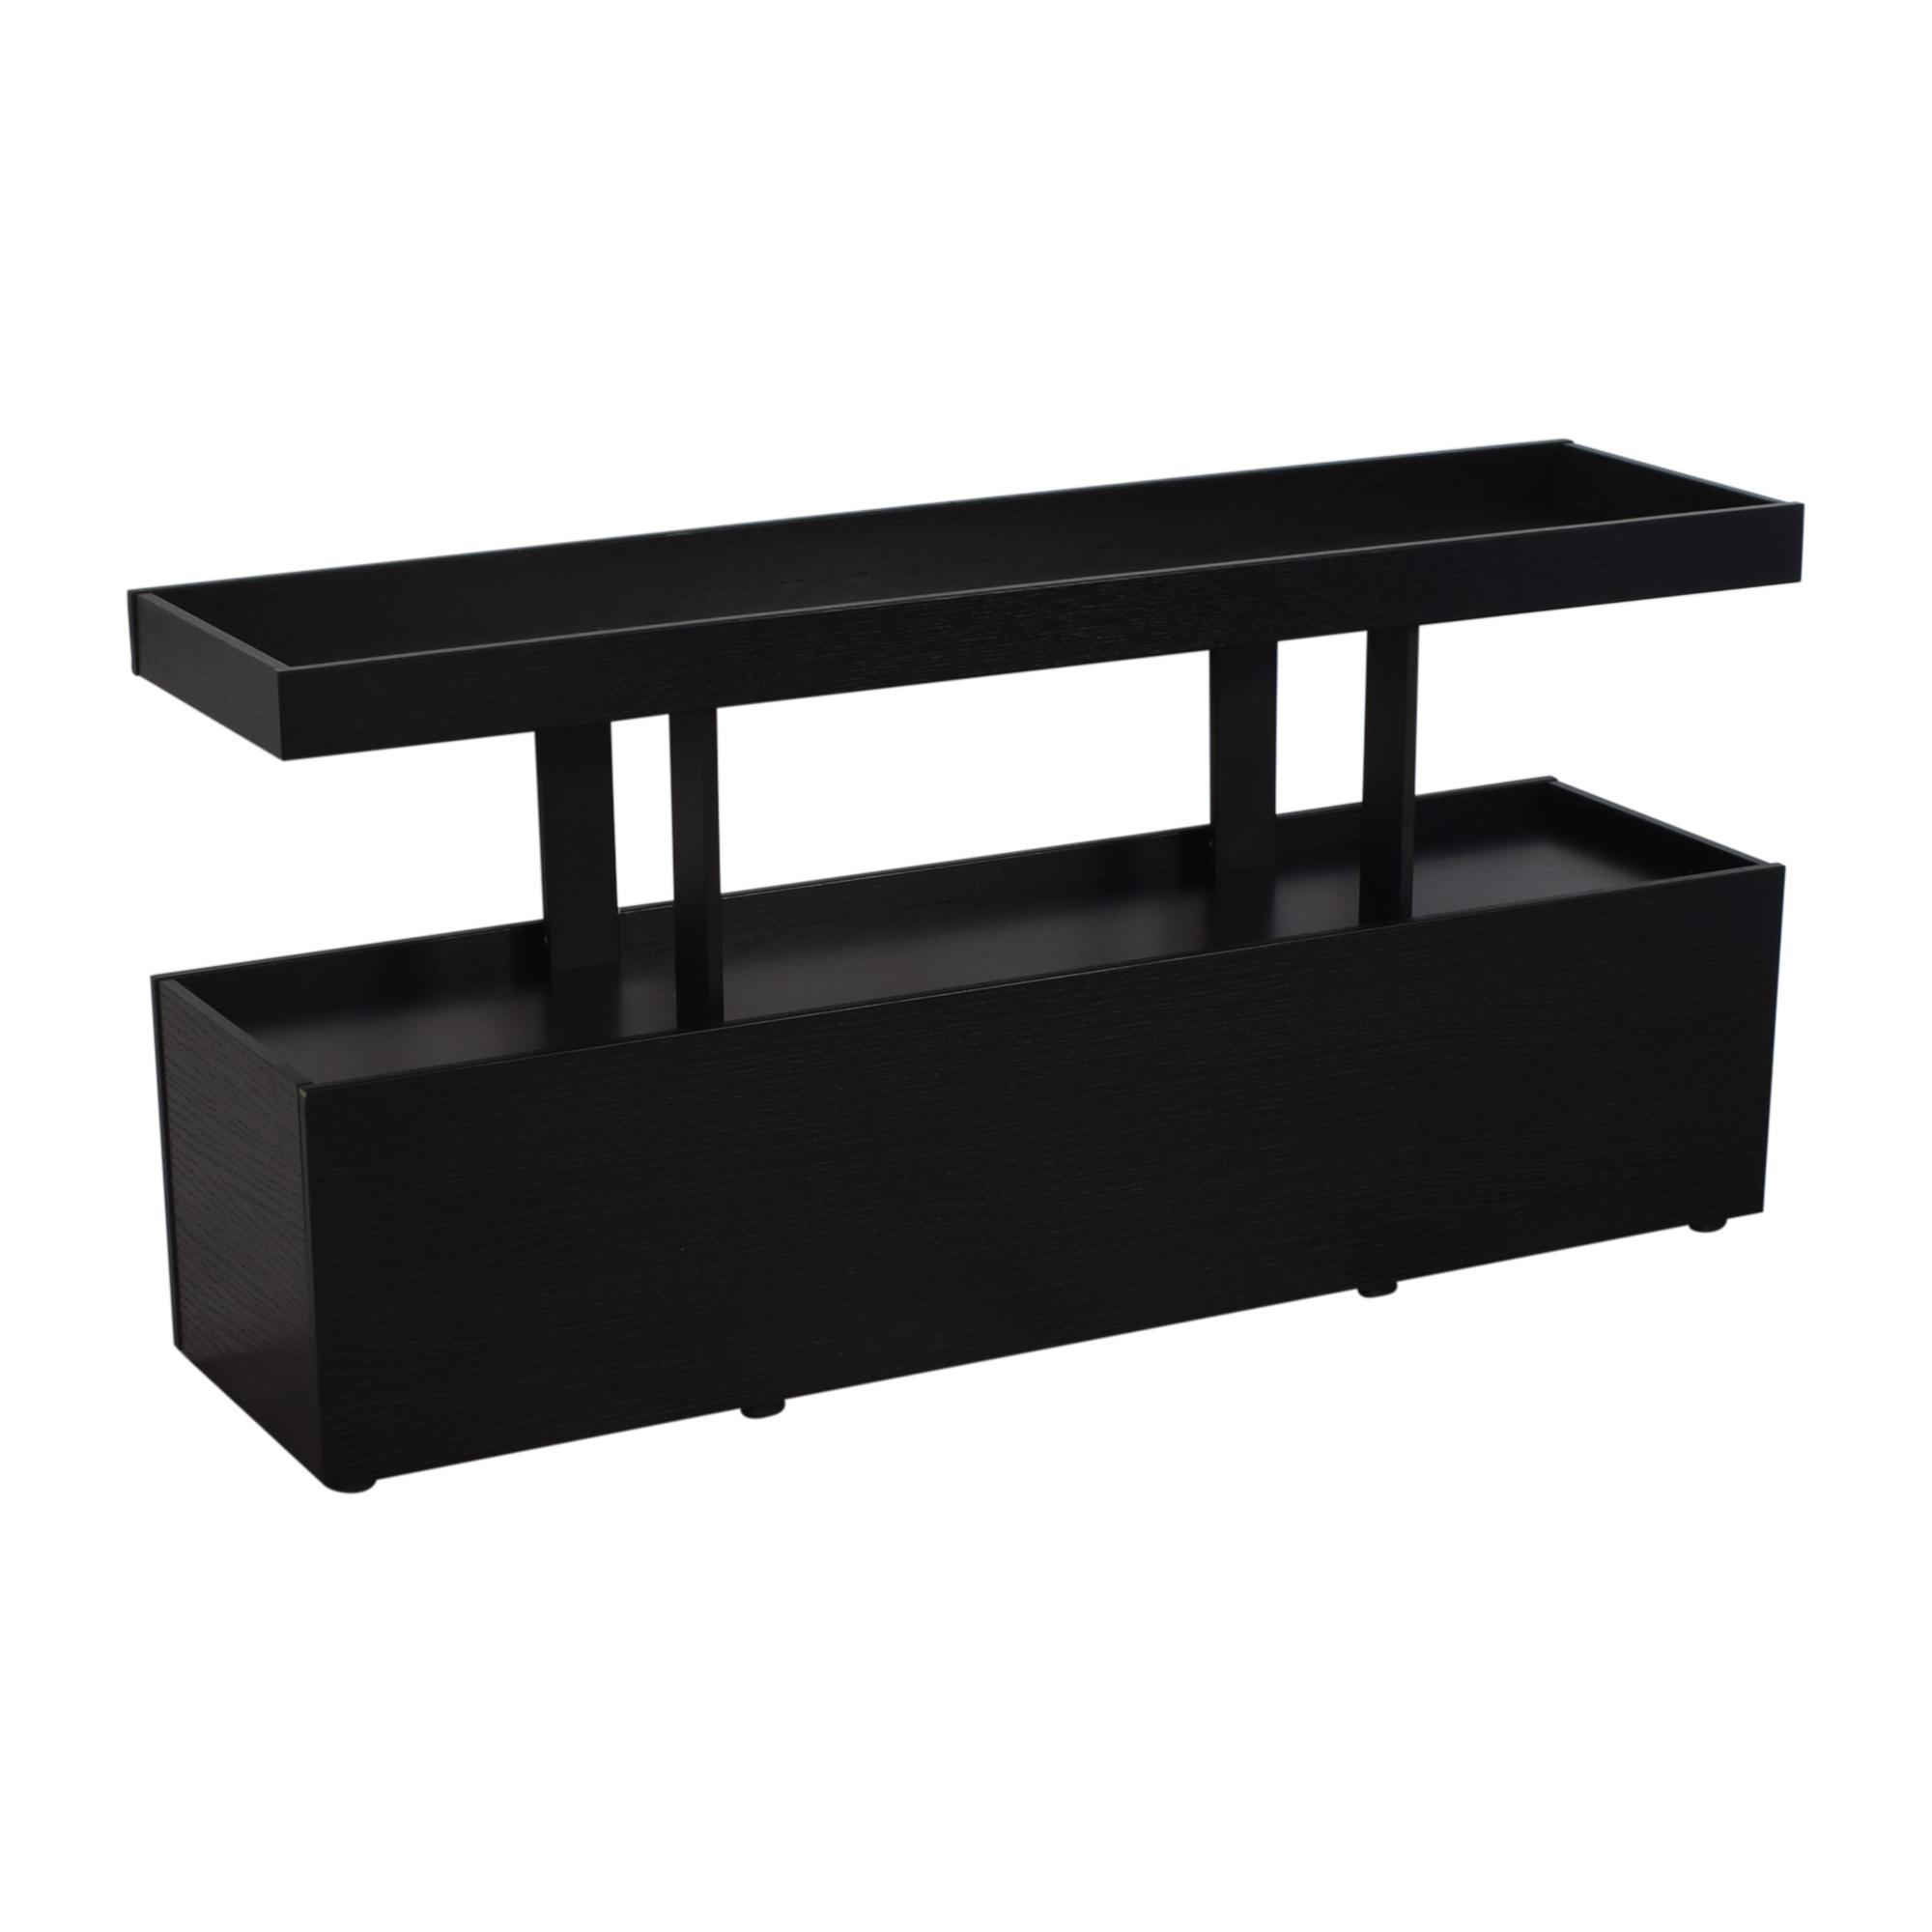 Koleksiyon Koleksiyon Rarum Sideboard black